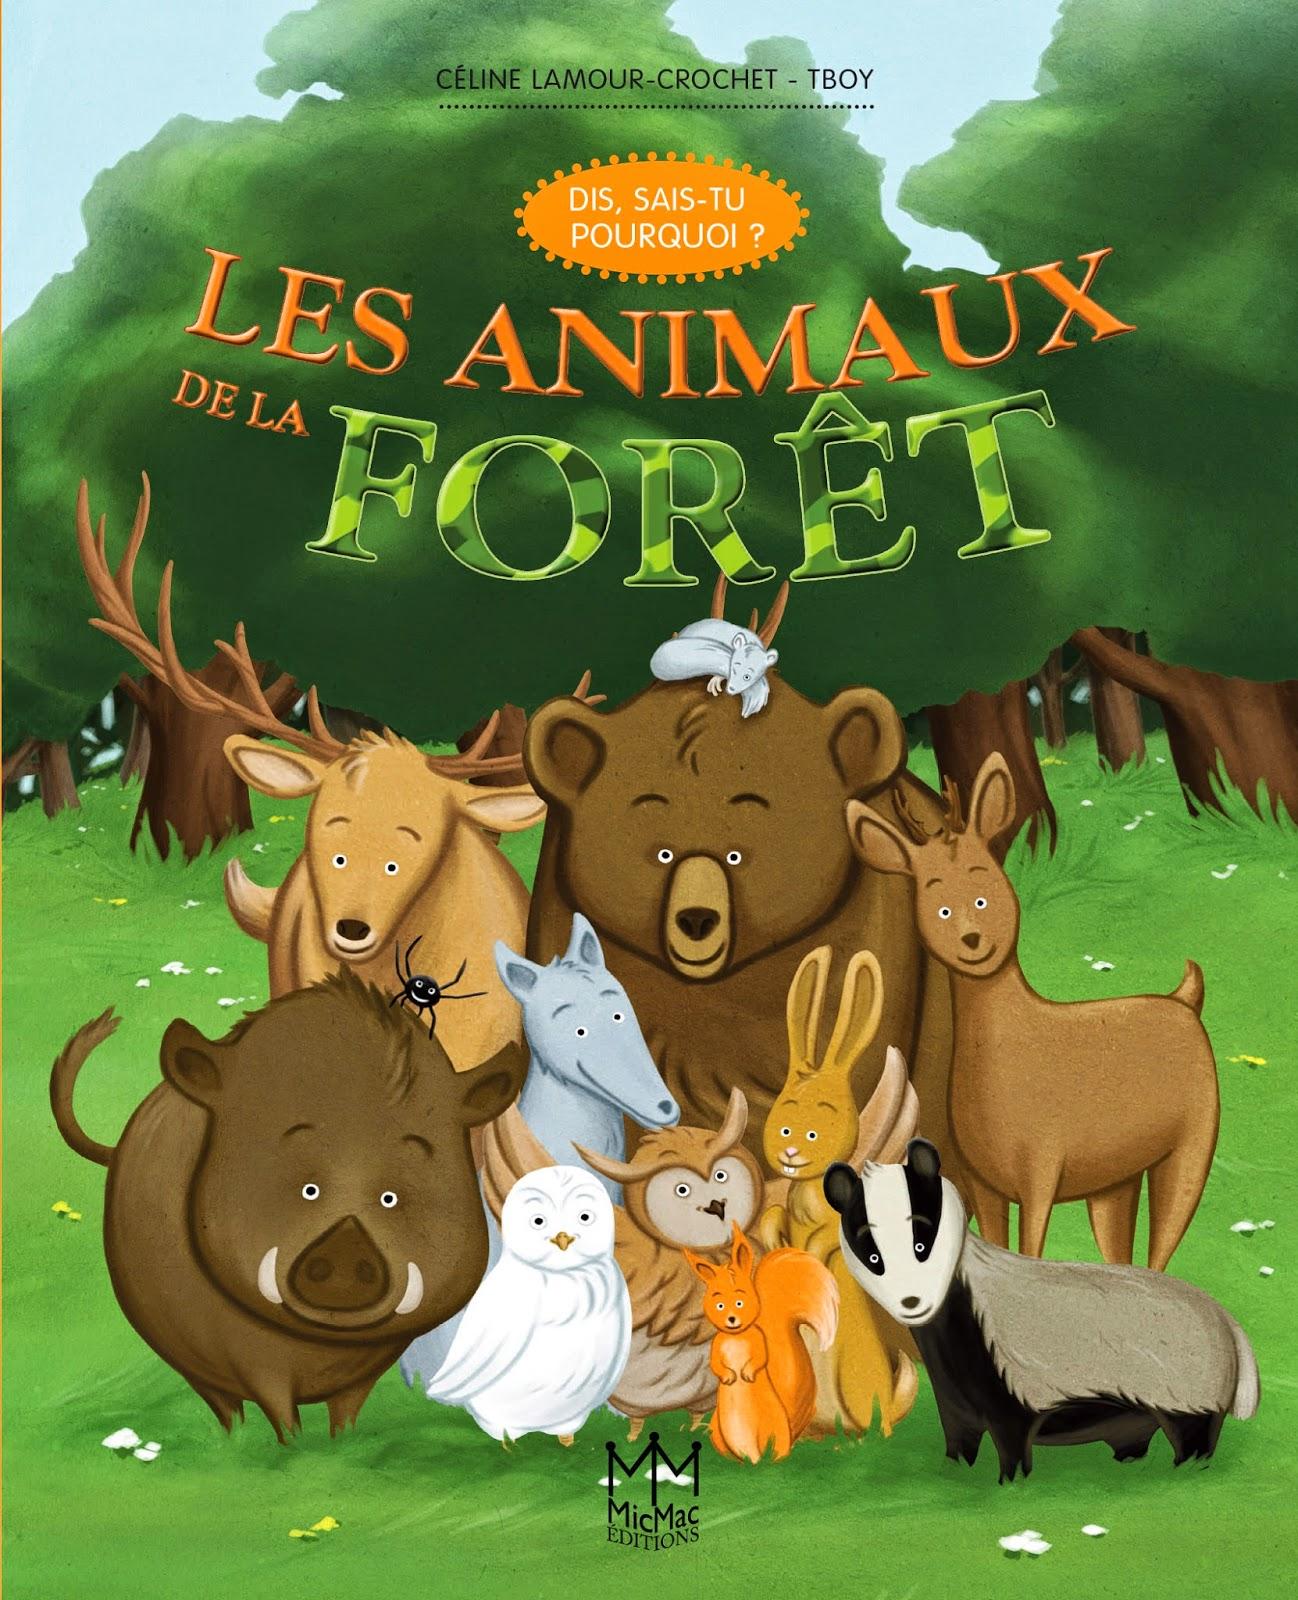 http://www.amazon.fr/animaux-for%C3%AAt-Dis-sais-tu-pourquoi/dp/236221284X/ref=sr_1_9?s=books&ie=UTF8&qid=1399107780&sr=1-9&keywords=c%C3%A9line+lamour-crochet